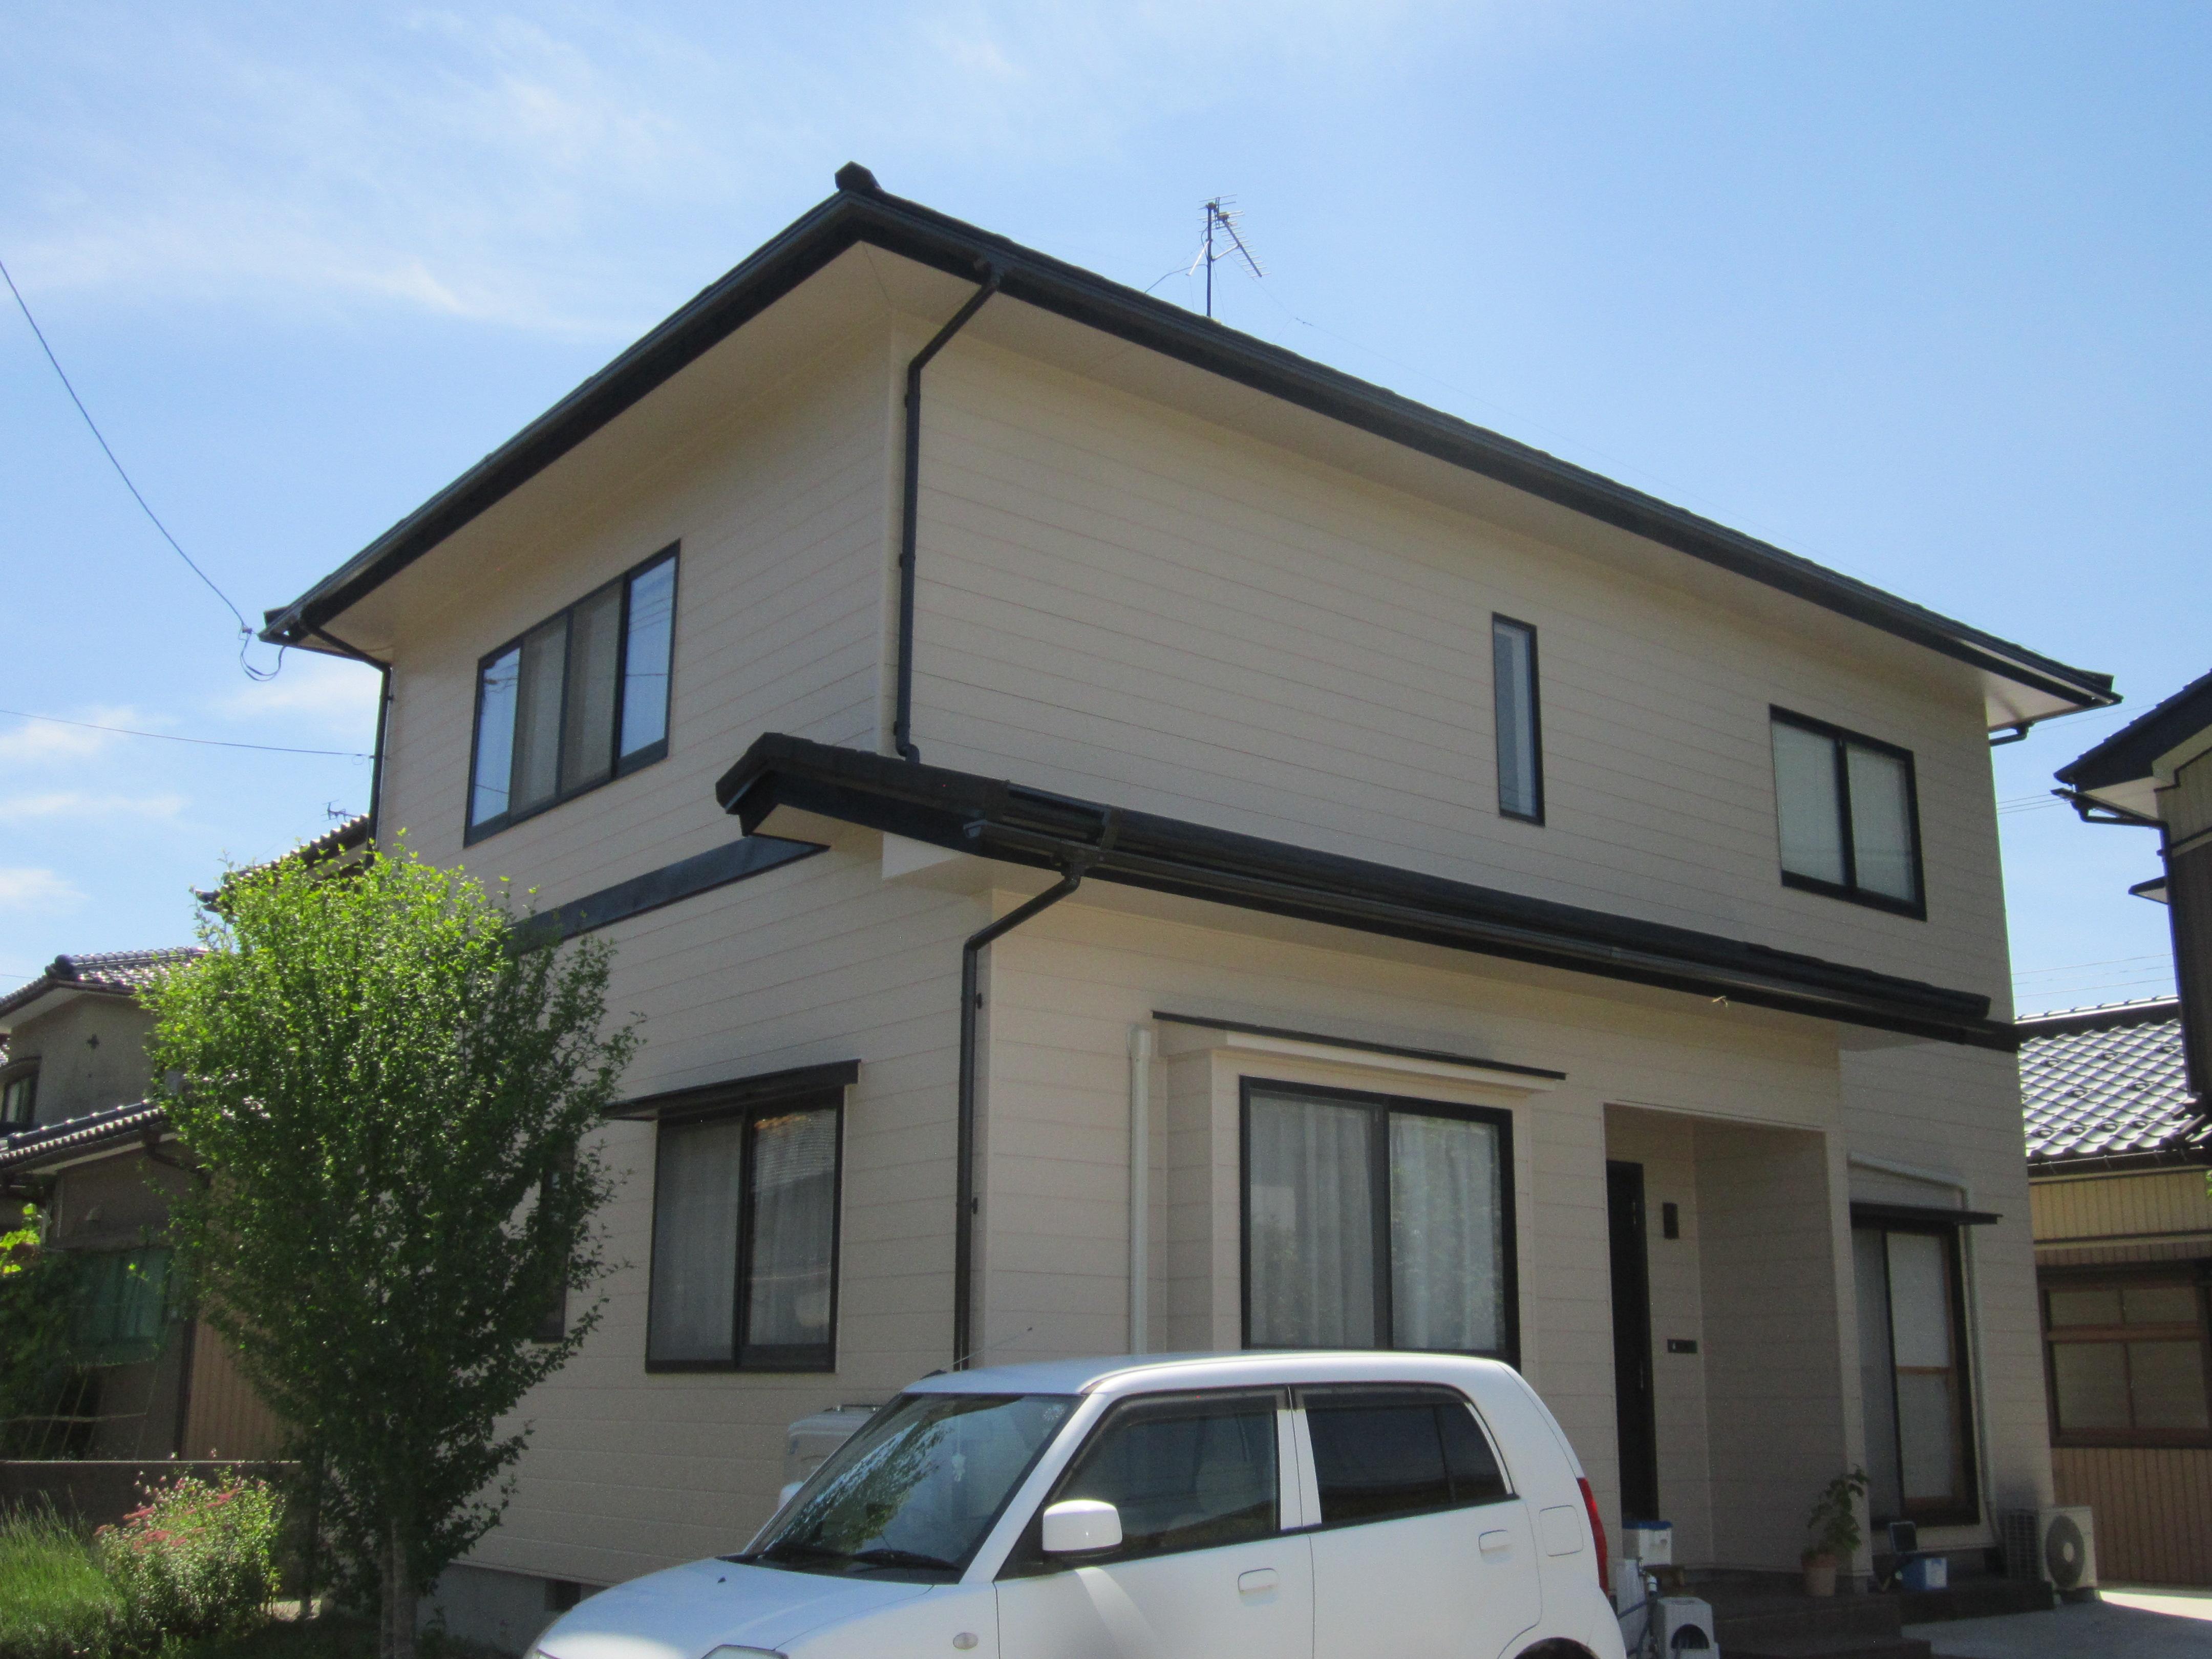 屋根・外壁リフレッシュ!~築20年目の外装工事~(金属屋根重ね張り・外壁塗装)